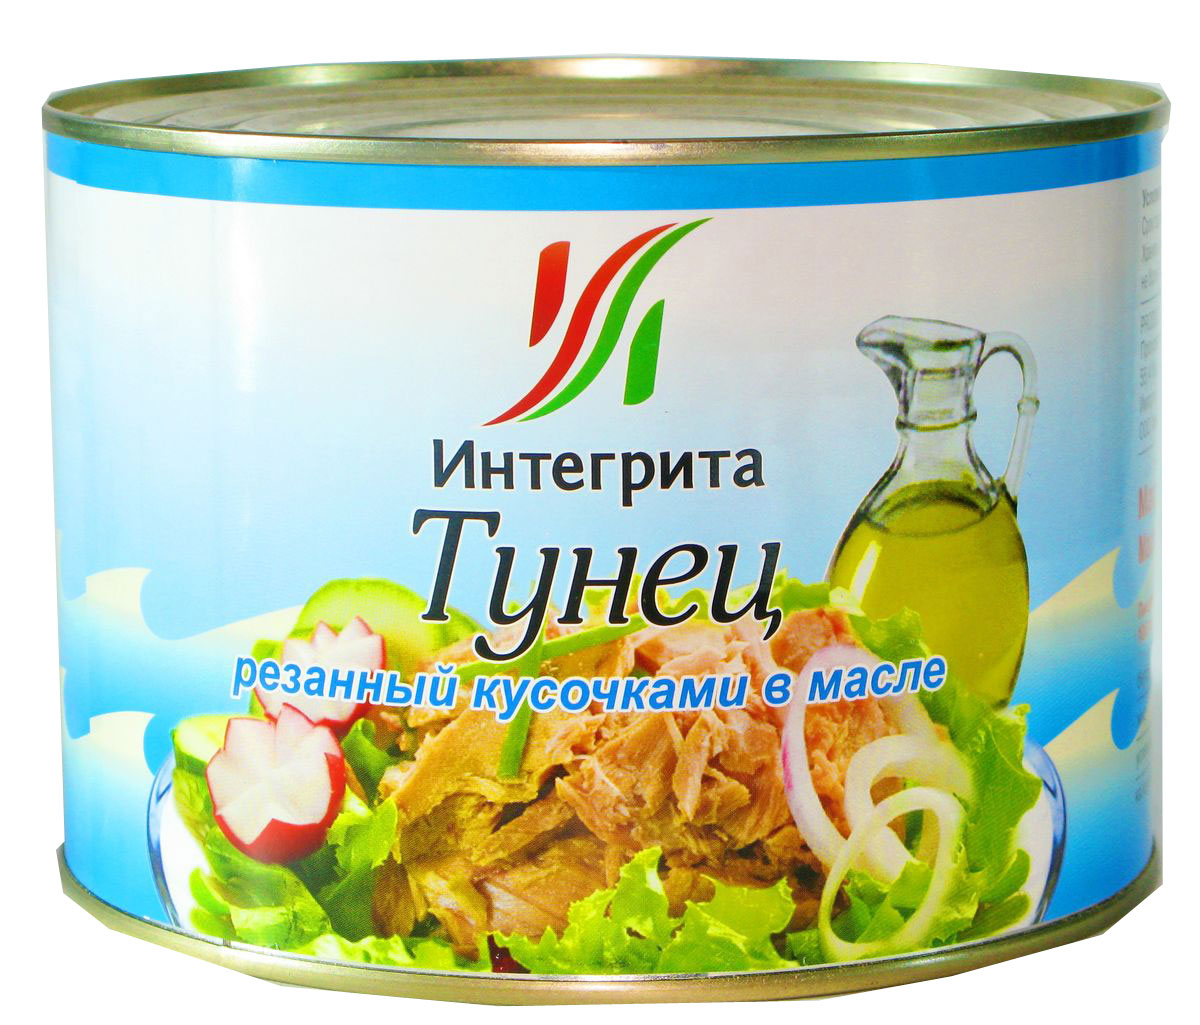 Integrita тунец резанный кусочками в масле, 1,7 кгМС-00001808Приготовлен из мяса молодого тунца. Отличается нежным цветом и приятным вкусом. Идеален для приготовления салатов, закусок, горячих бутербродов и других вкусных блюд.